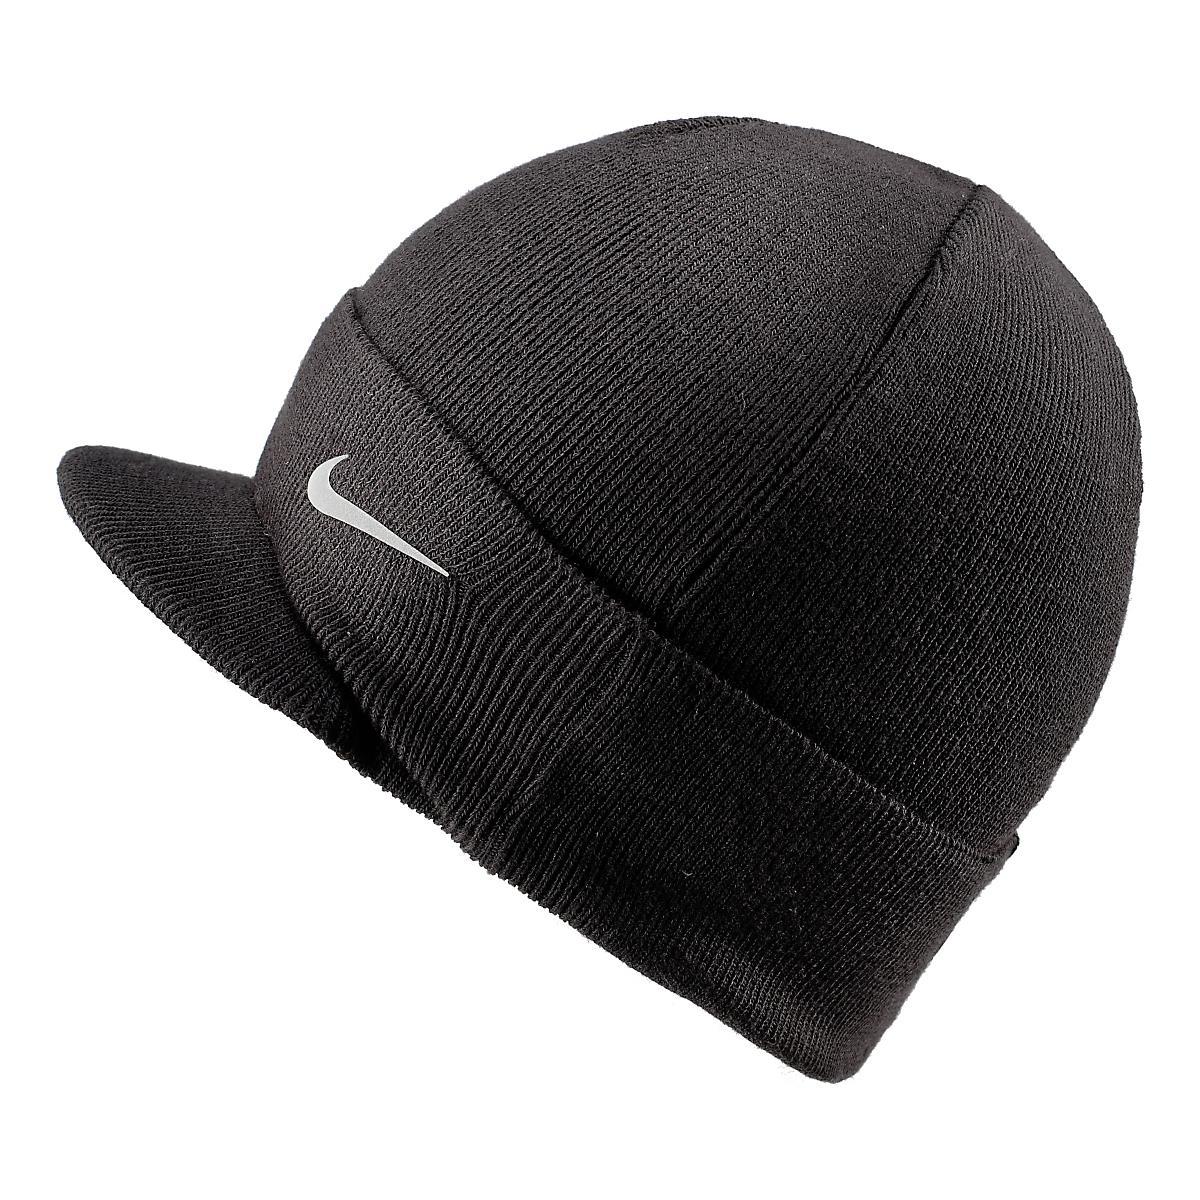 23e497edd70 Mens Nike Running Radar Cap Headwear at Road Runner Sports